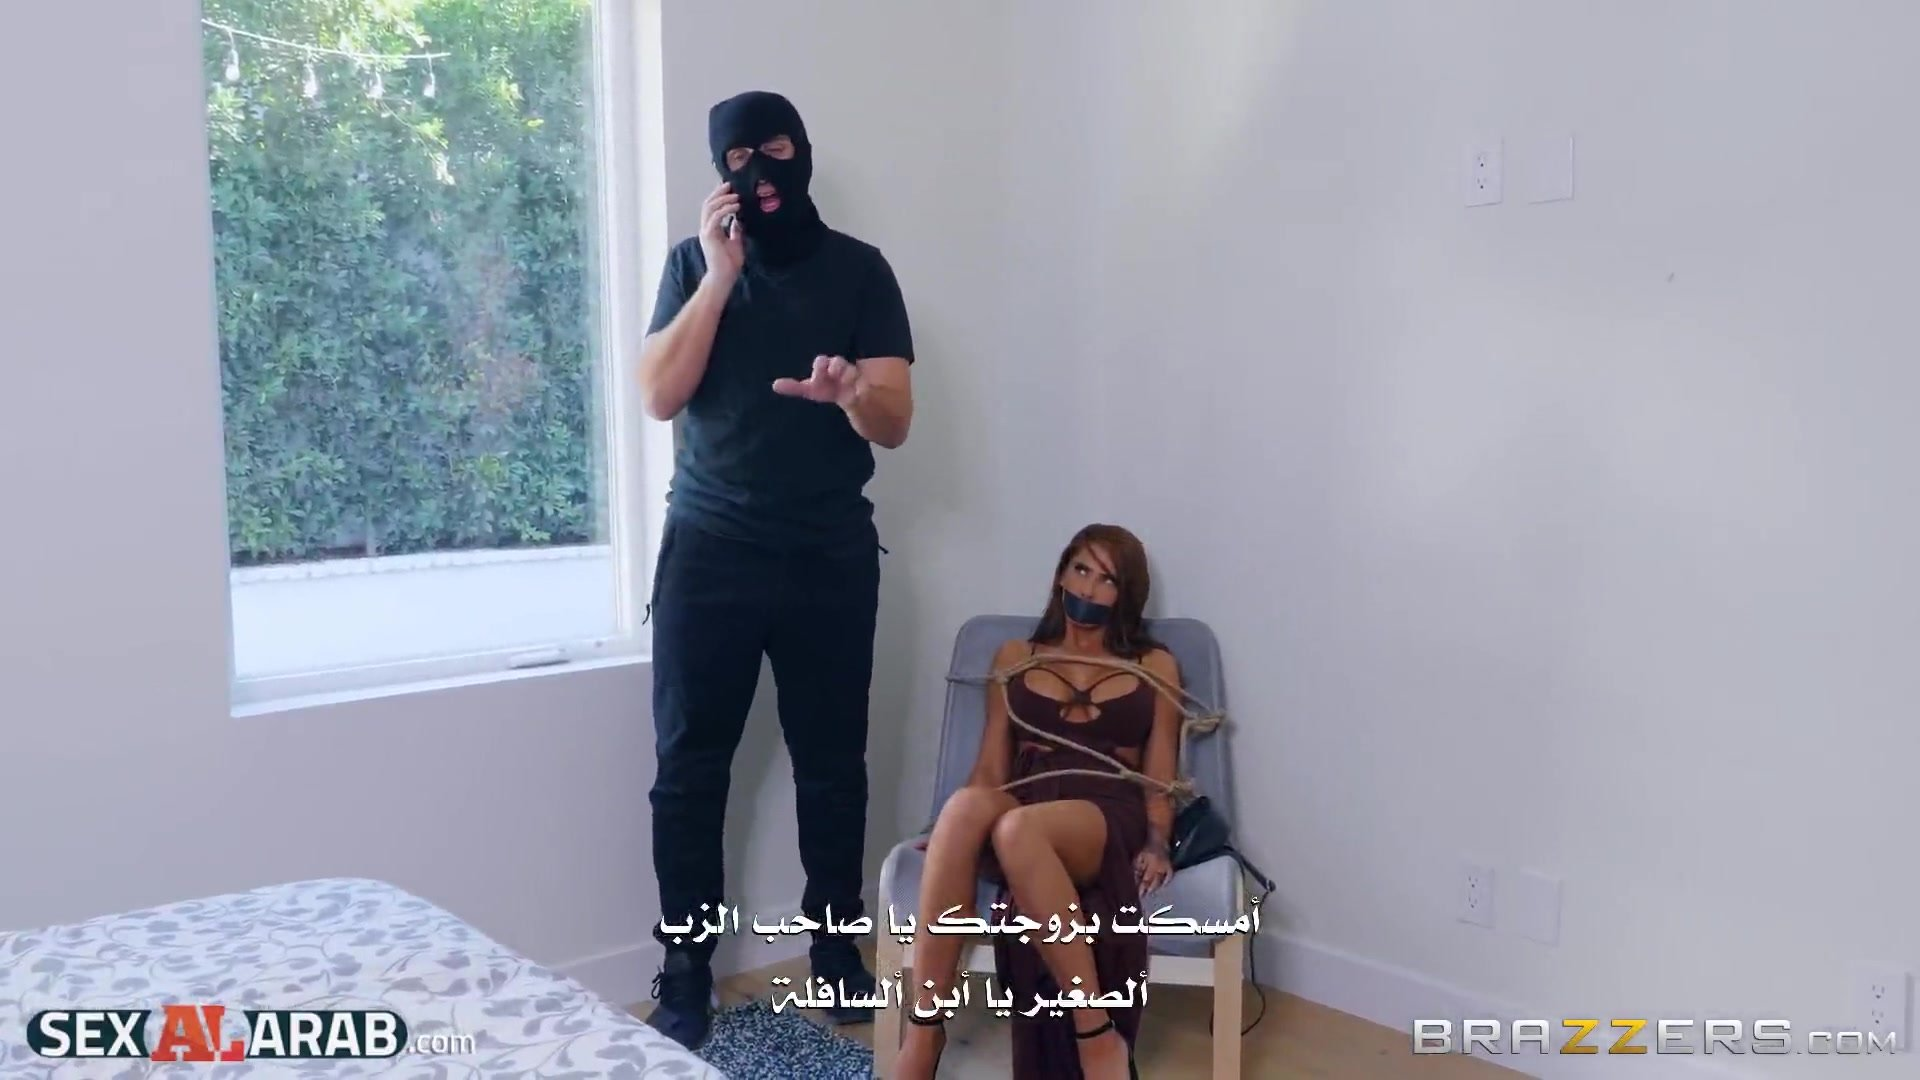 عرب نار مترجم - ألخطف ألمثير